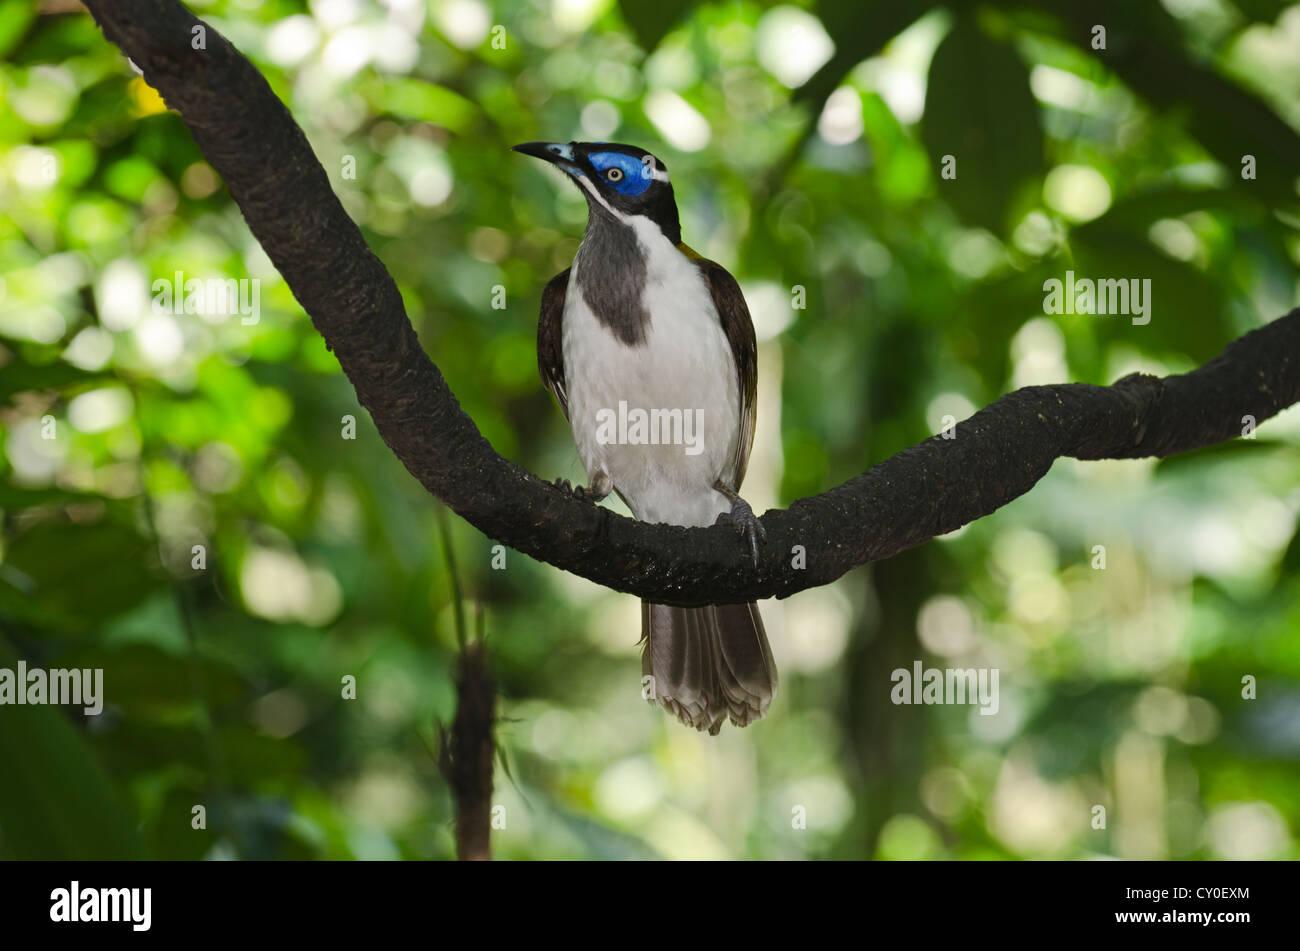 Blue-faced Honeyeater (Entomyzon cyanotis), New Guinea and Australia - Stock Image